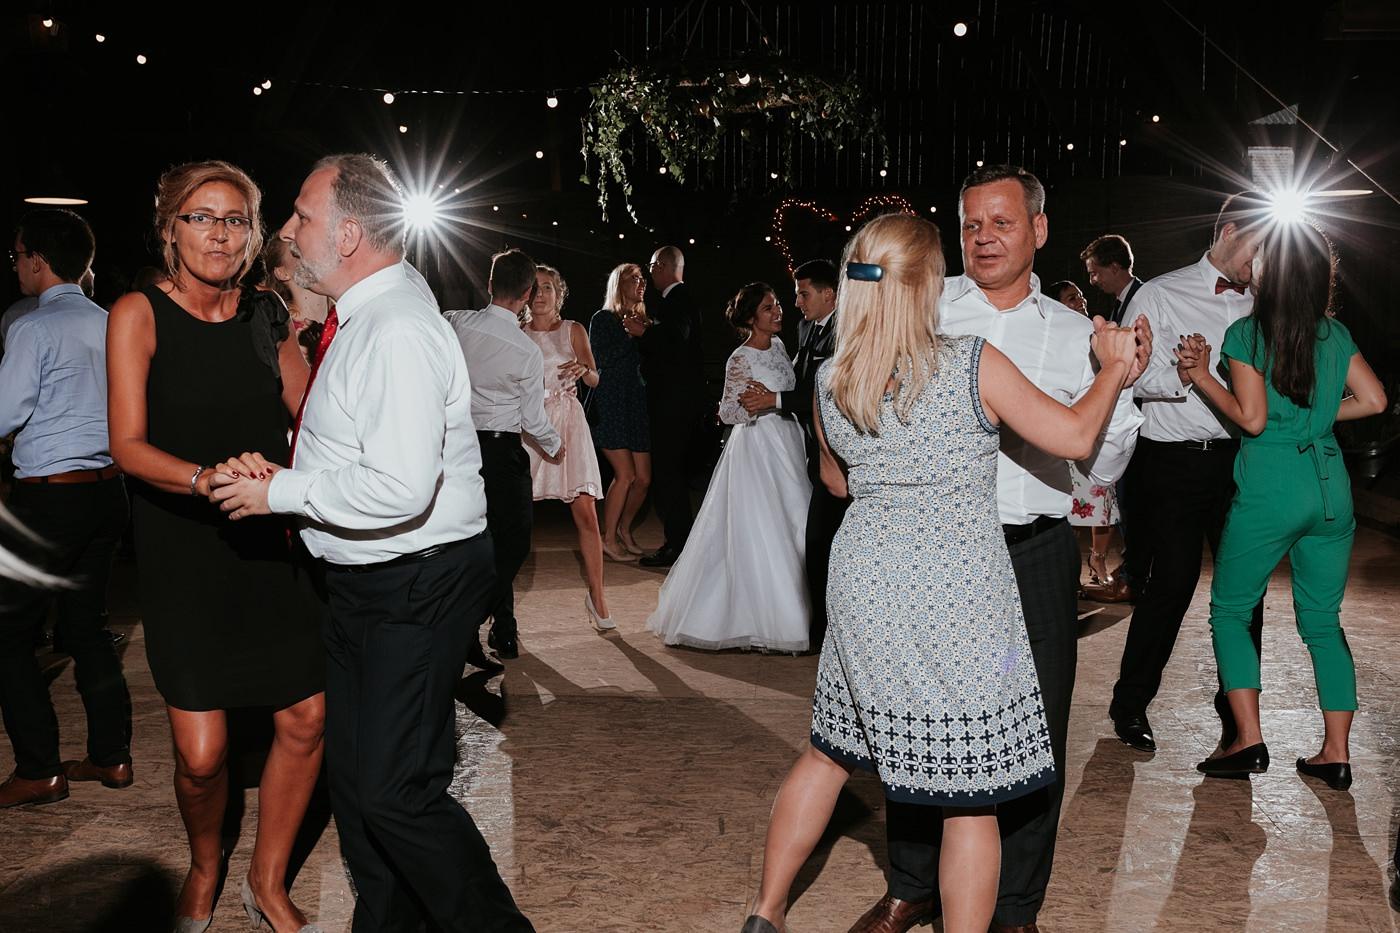 Dominika & Aleksander - Rustykalne wesele w stodole - Baborówko 112